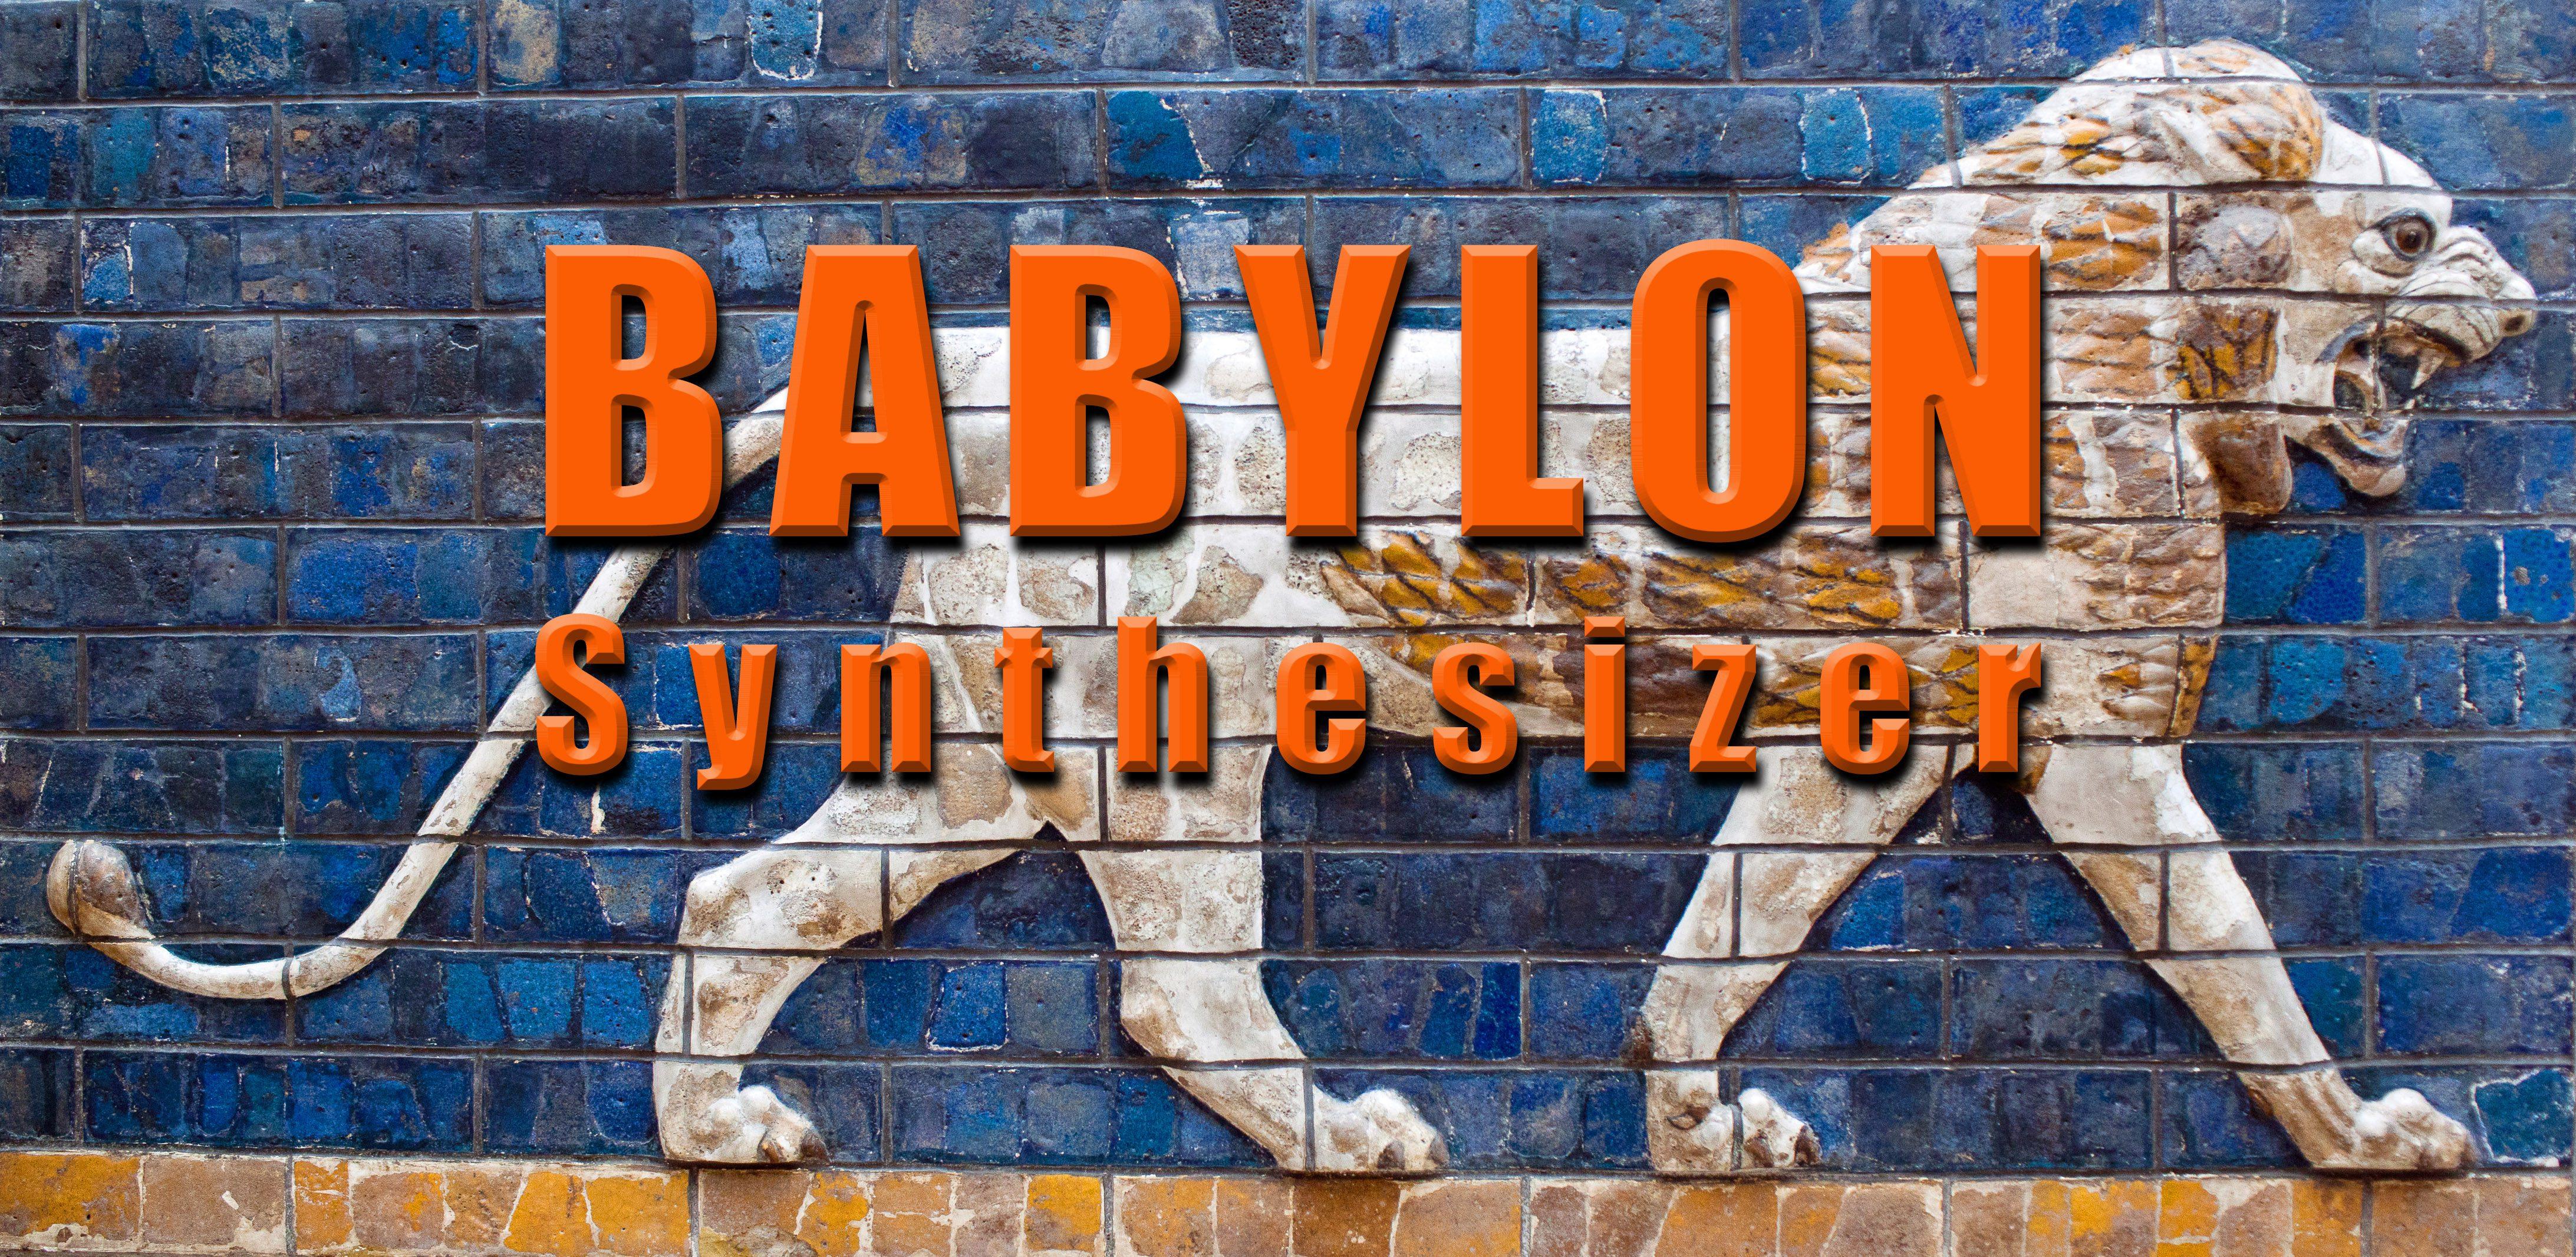 BABYLON Freeware Synthesizer, an AMAZONA de Community Project